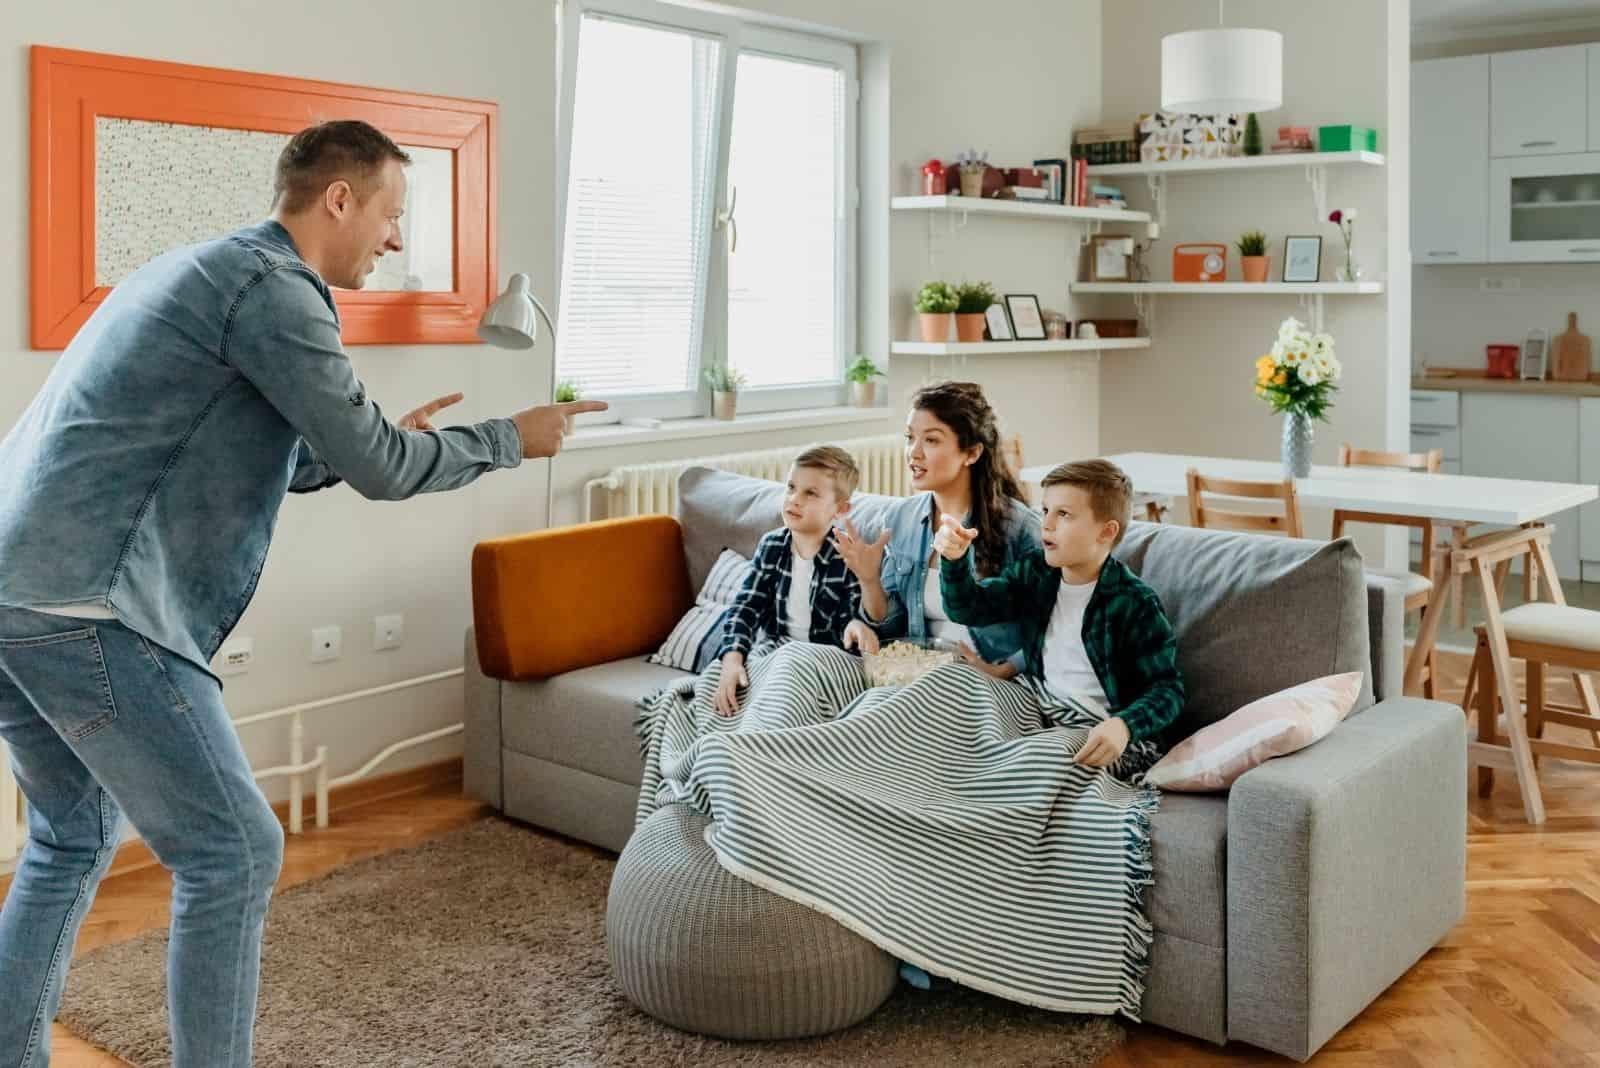 Familie spielt Ratespiel im Wohnzimmer mit dem Vater, der vor der Mutter und den Kindern steht